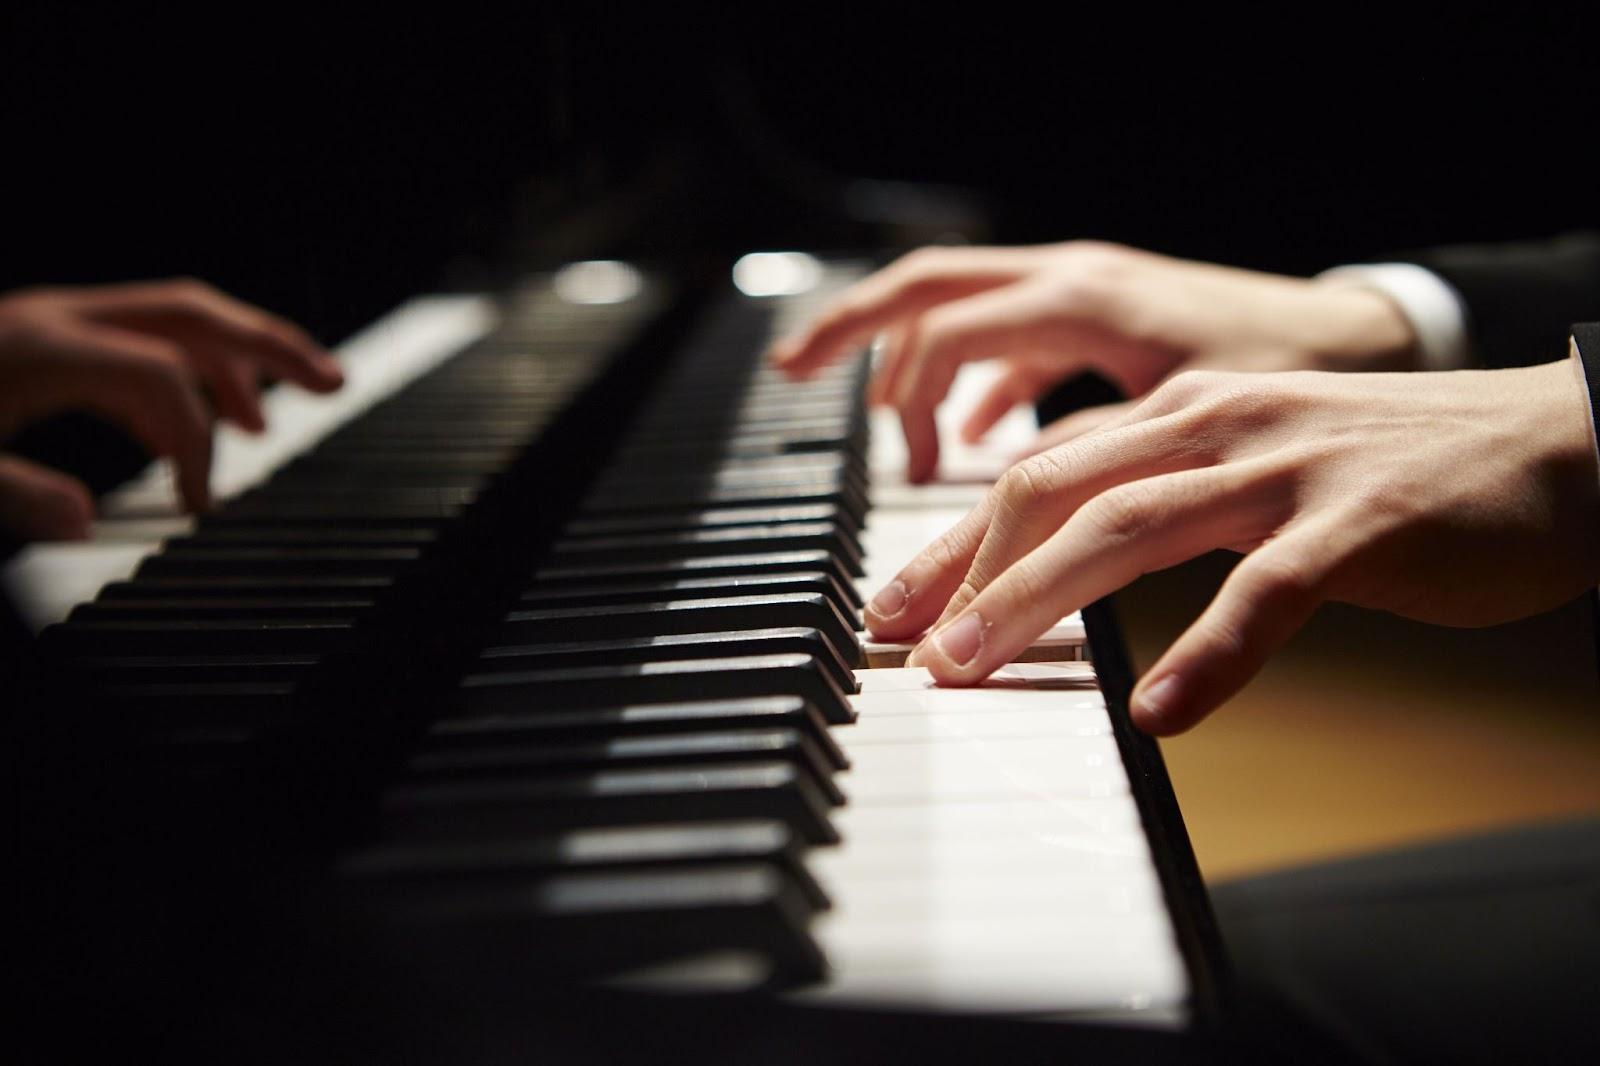 ロマン派のピアニスト 歴史を作った巨匠8人